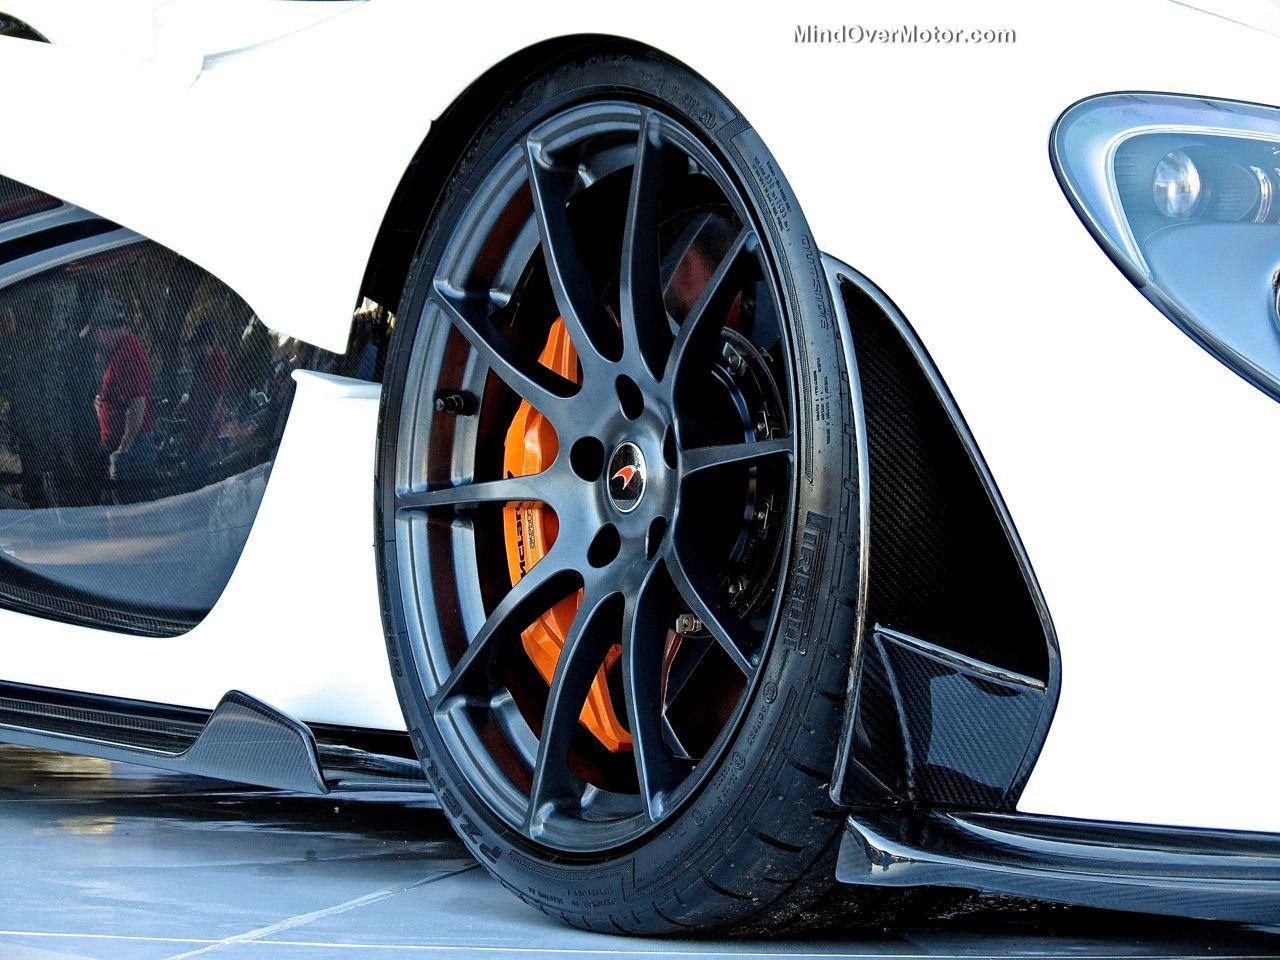 McLaren P1 Wheel at Amelia Island